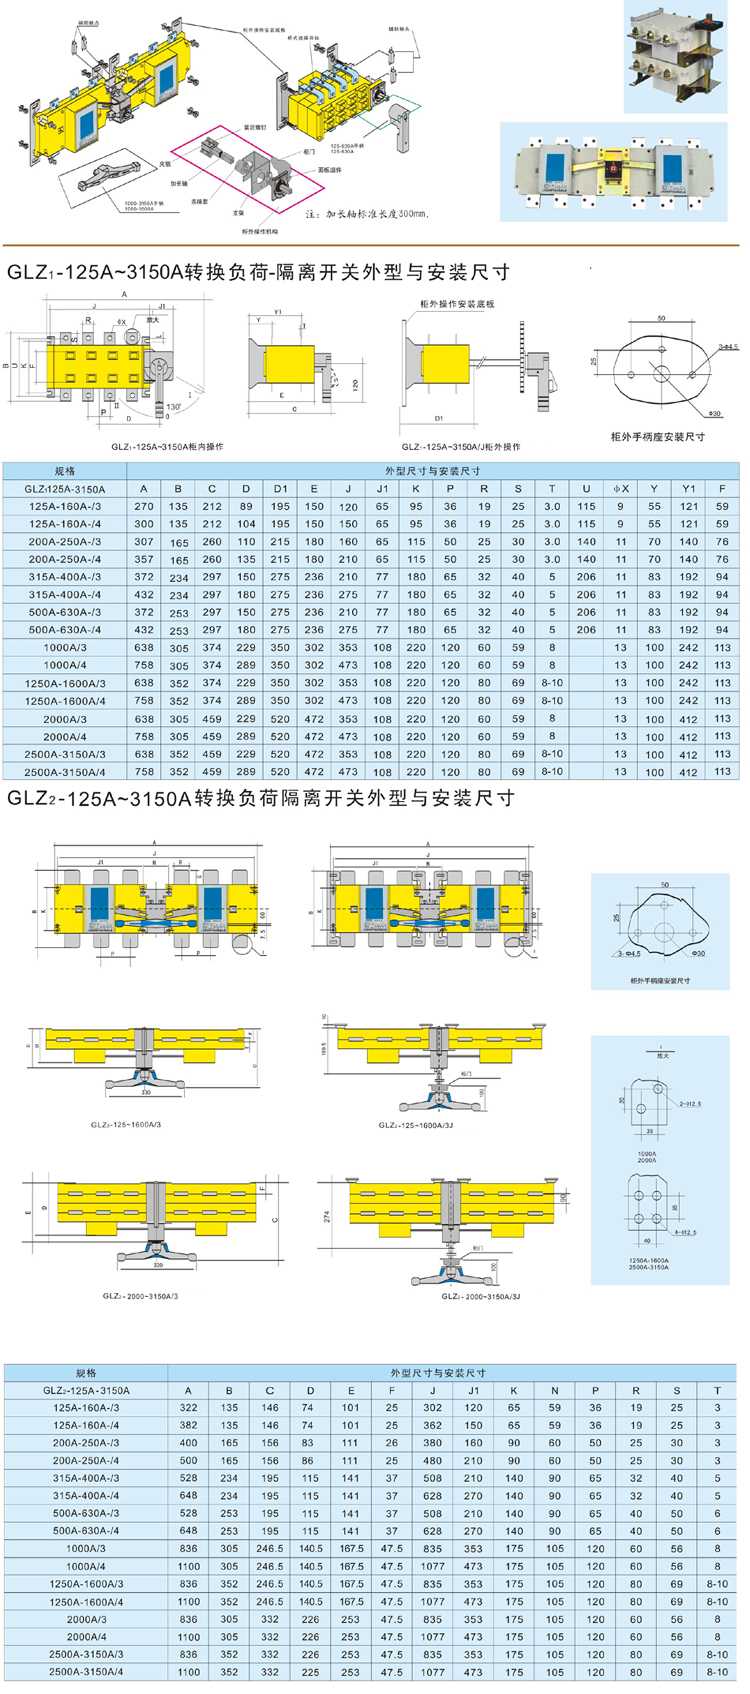 GLZ系列转换负荷隔离开关技术参数及外形尺寸